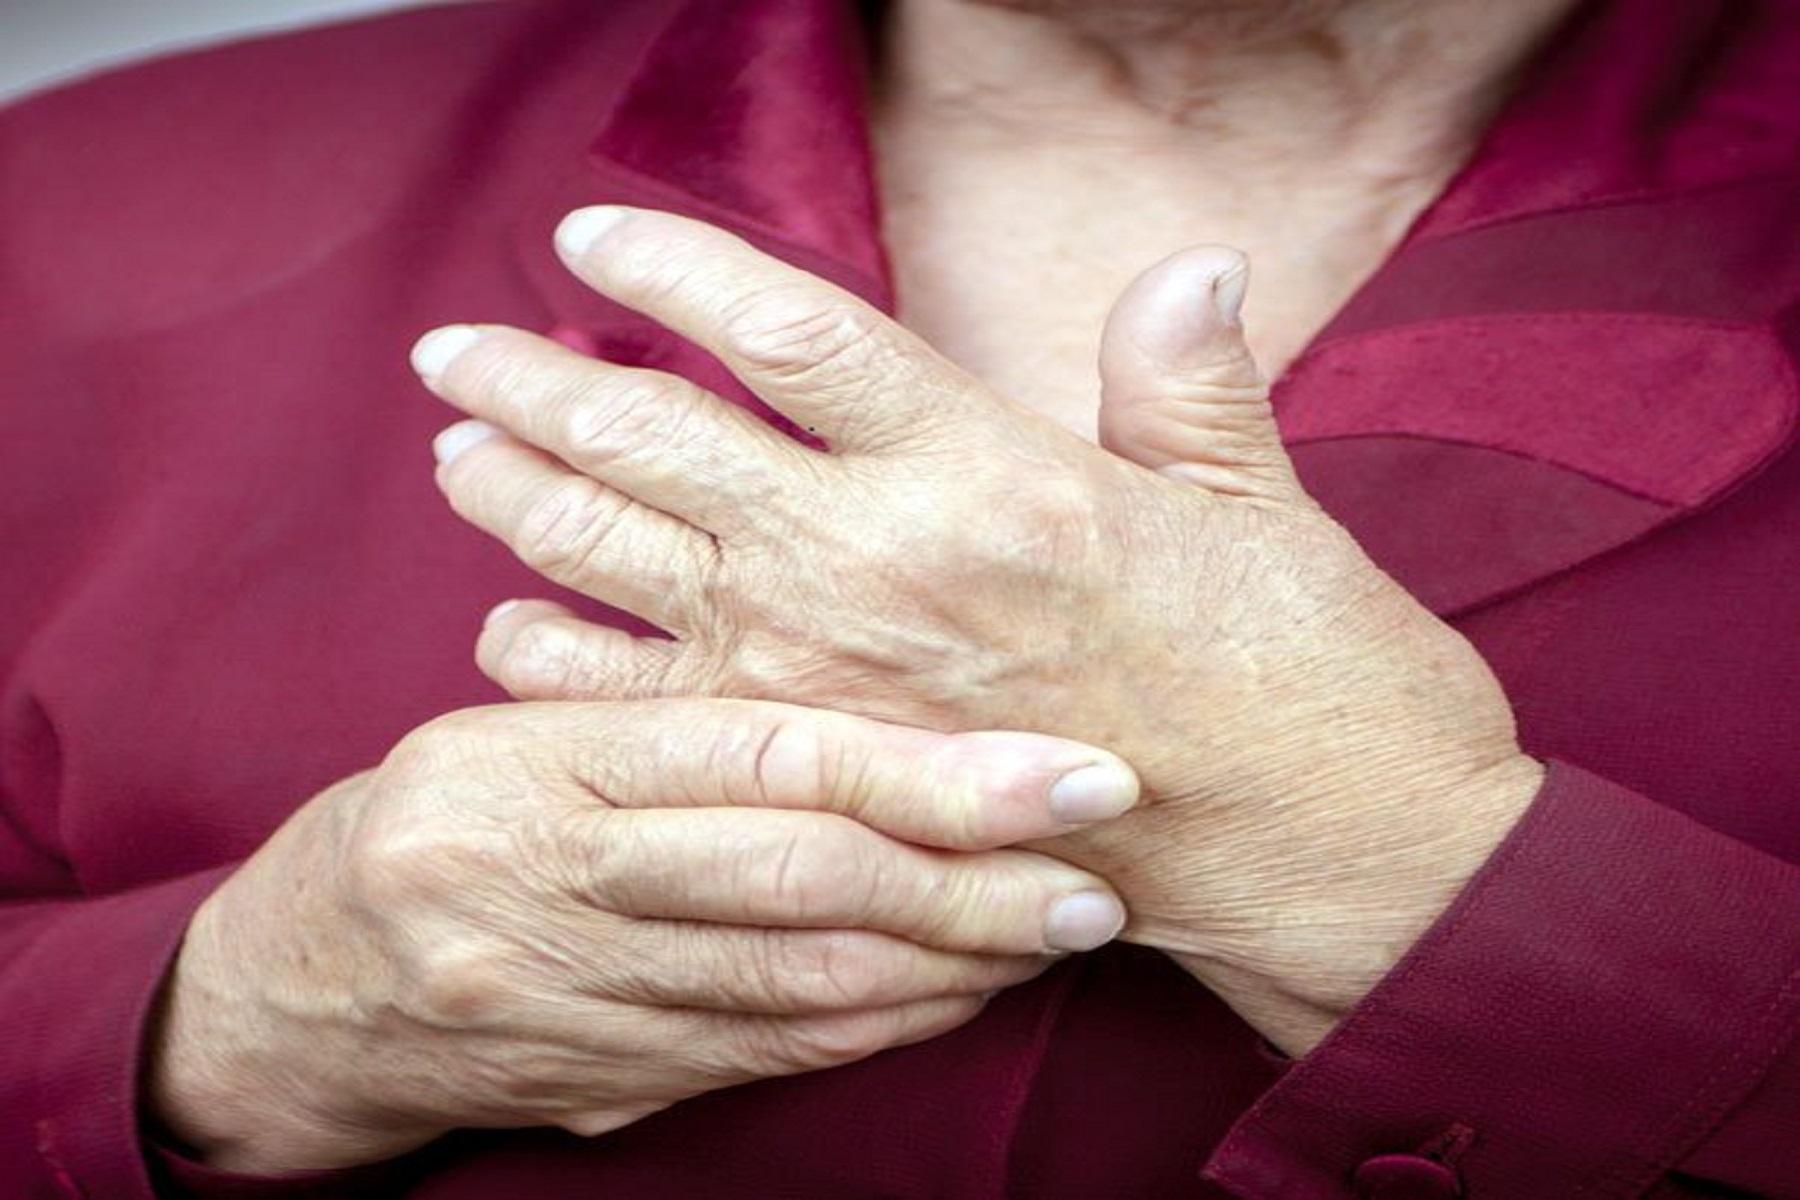 Ρευματοειδής αρθρίτιδα: Διατροφικές εναλλακτικές σε σχέση με τη φαρμακευτική αγωγή